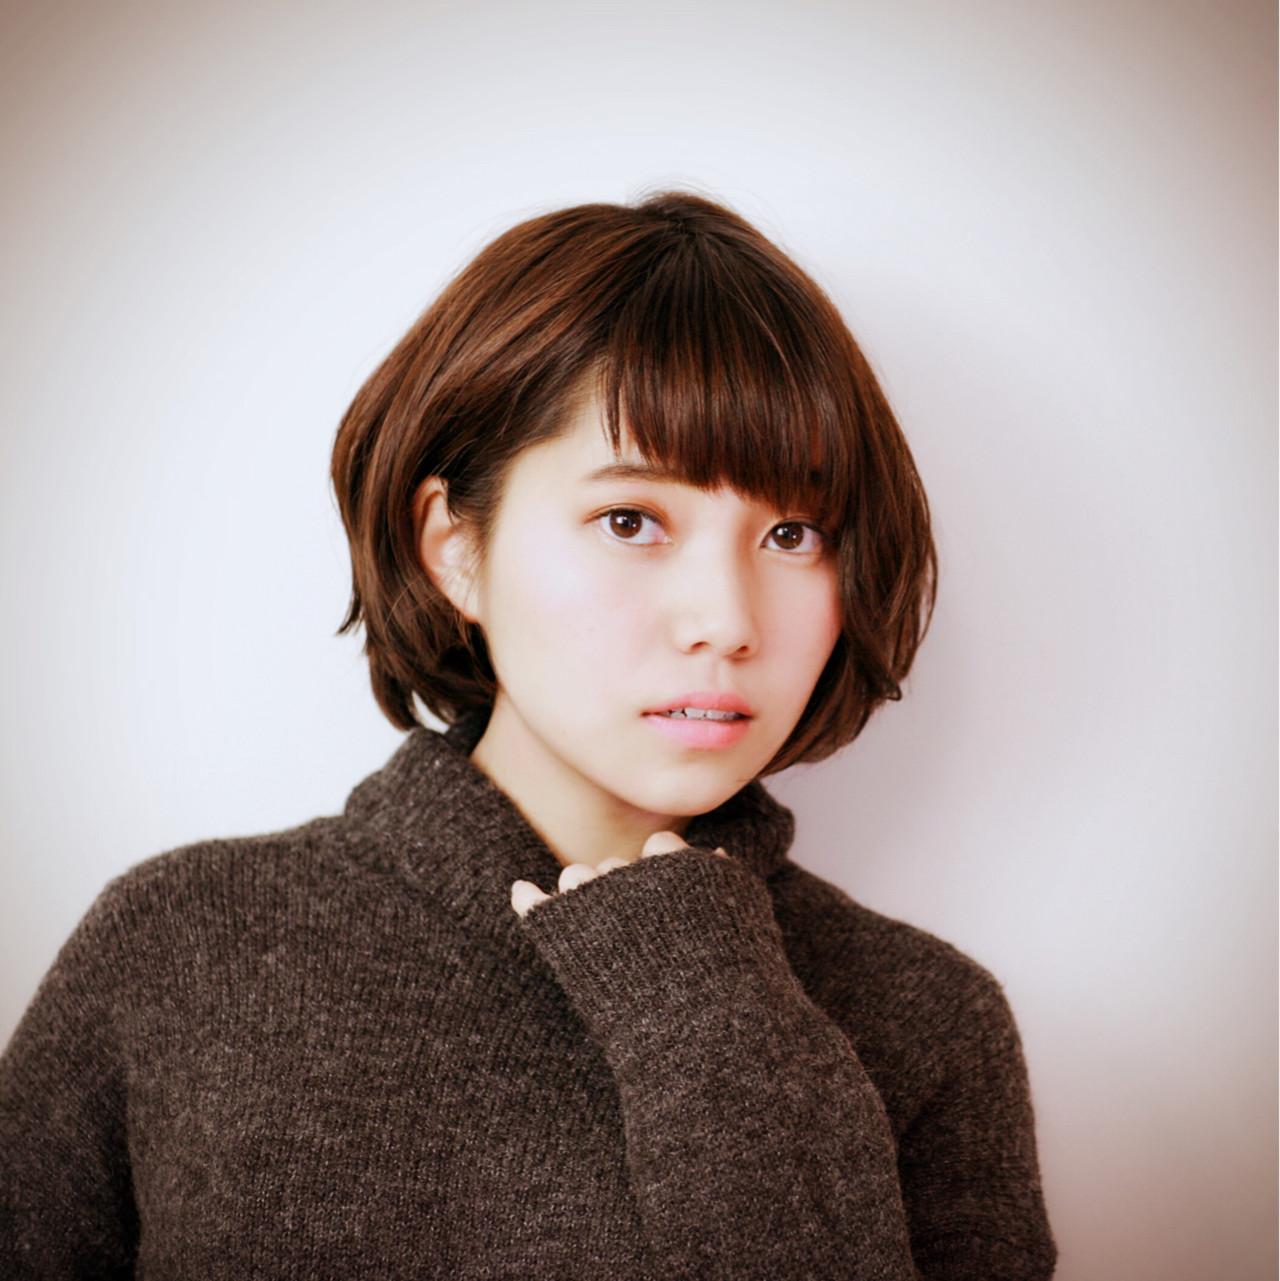 耳かけ ショート アシメバング ナチュラル ヘアスタイルや髪型の写真・画像   吉川 知志 / MA MAISON PRIVEE DE REVES